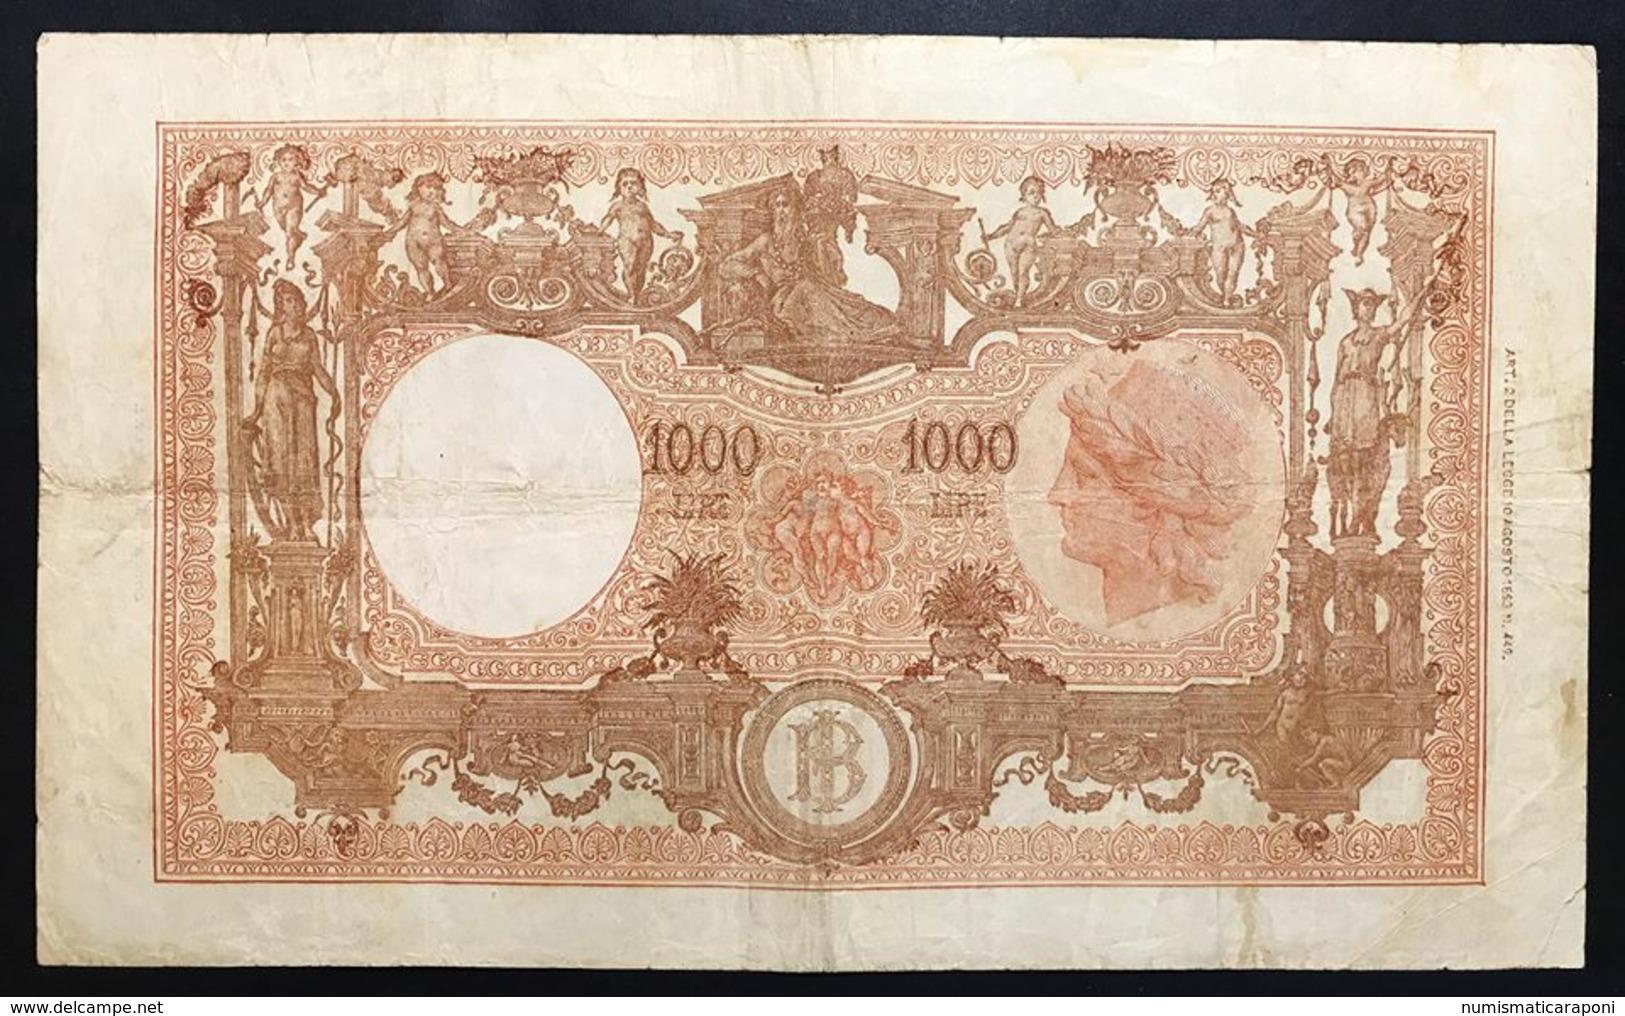 1000 LIRE BARBETTI REPUBBLICA 19 12 1946 BIGLIETTO NATURALE MB/BB LOTTO 2289 - 1000 Lire